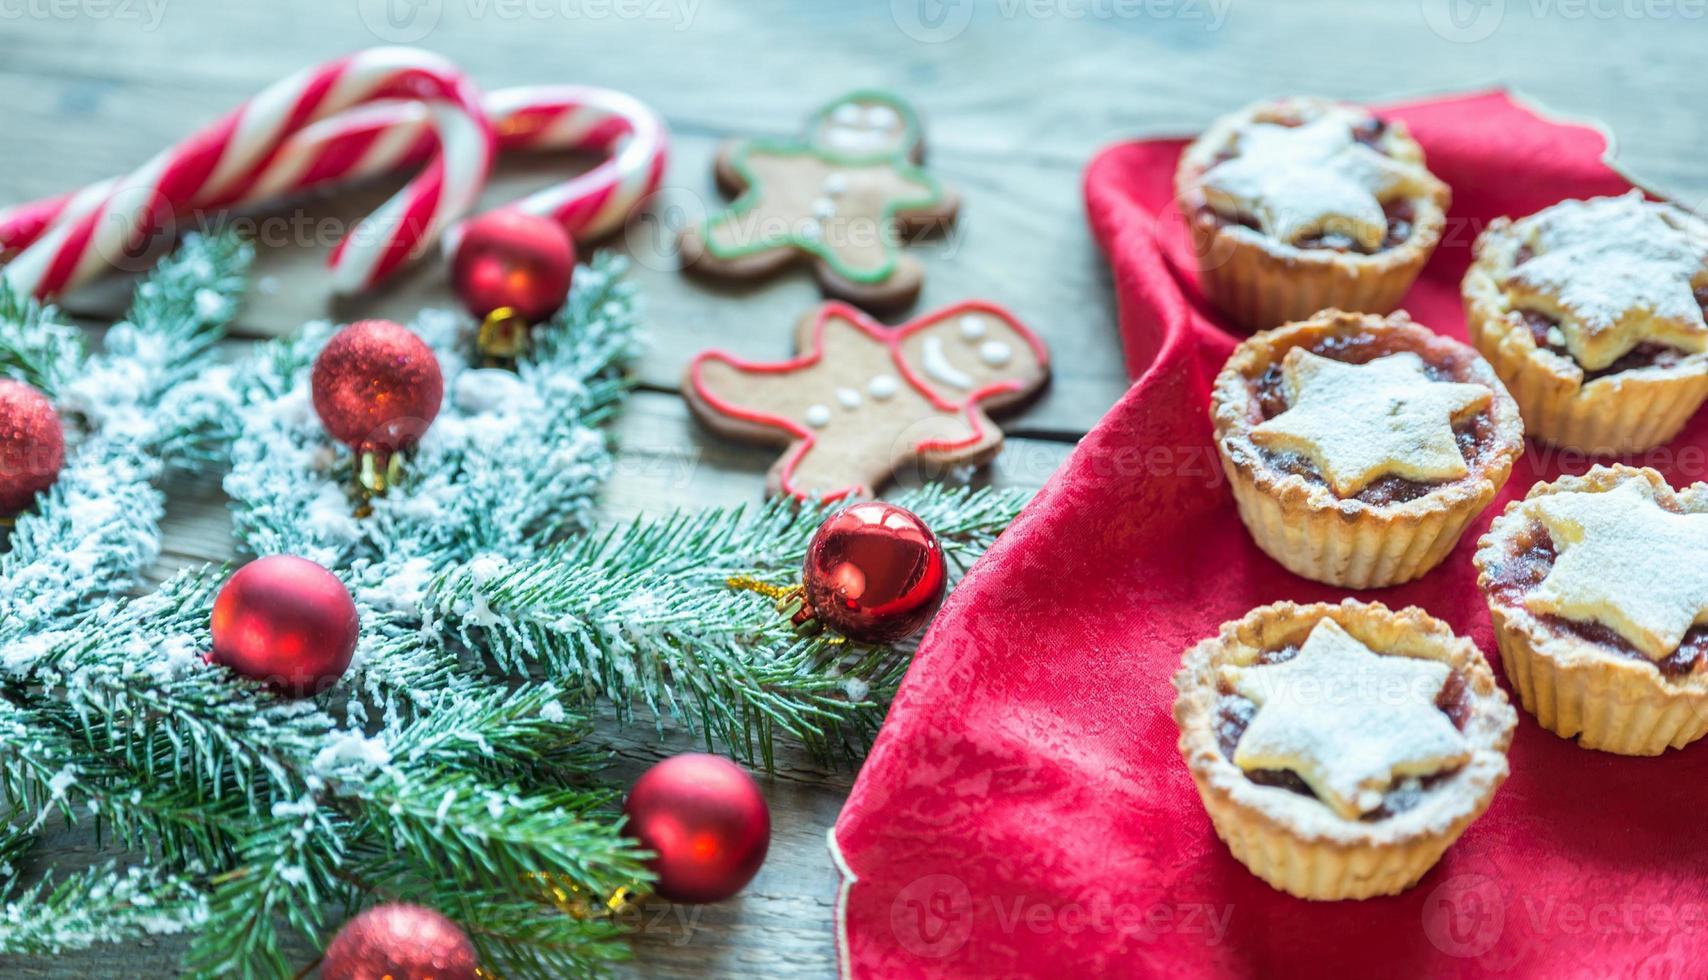 branche d'arbre de Noël décorée avec pâtisserie de vacances photo